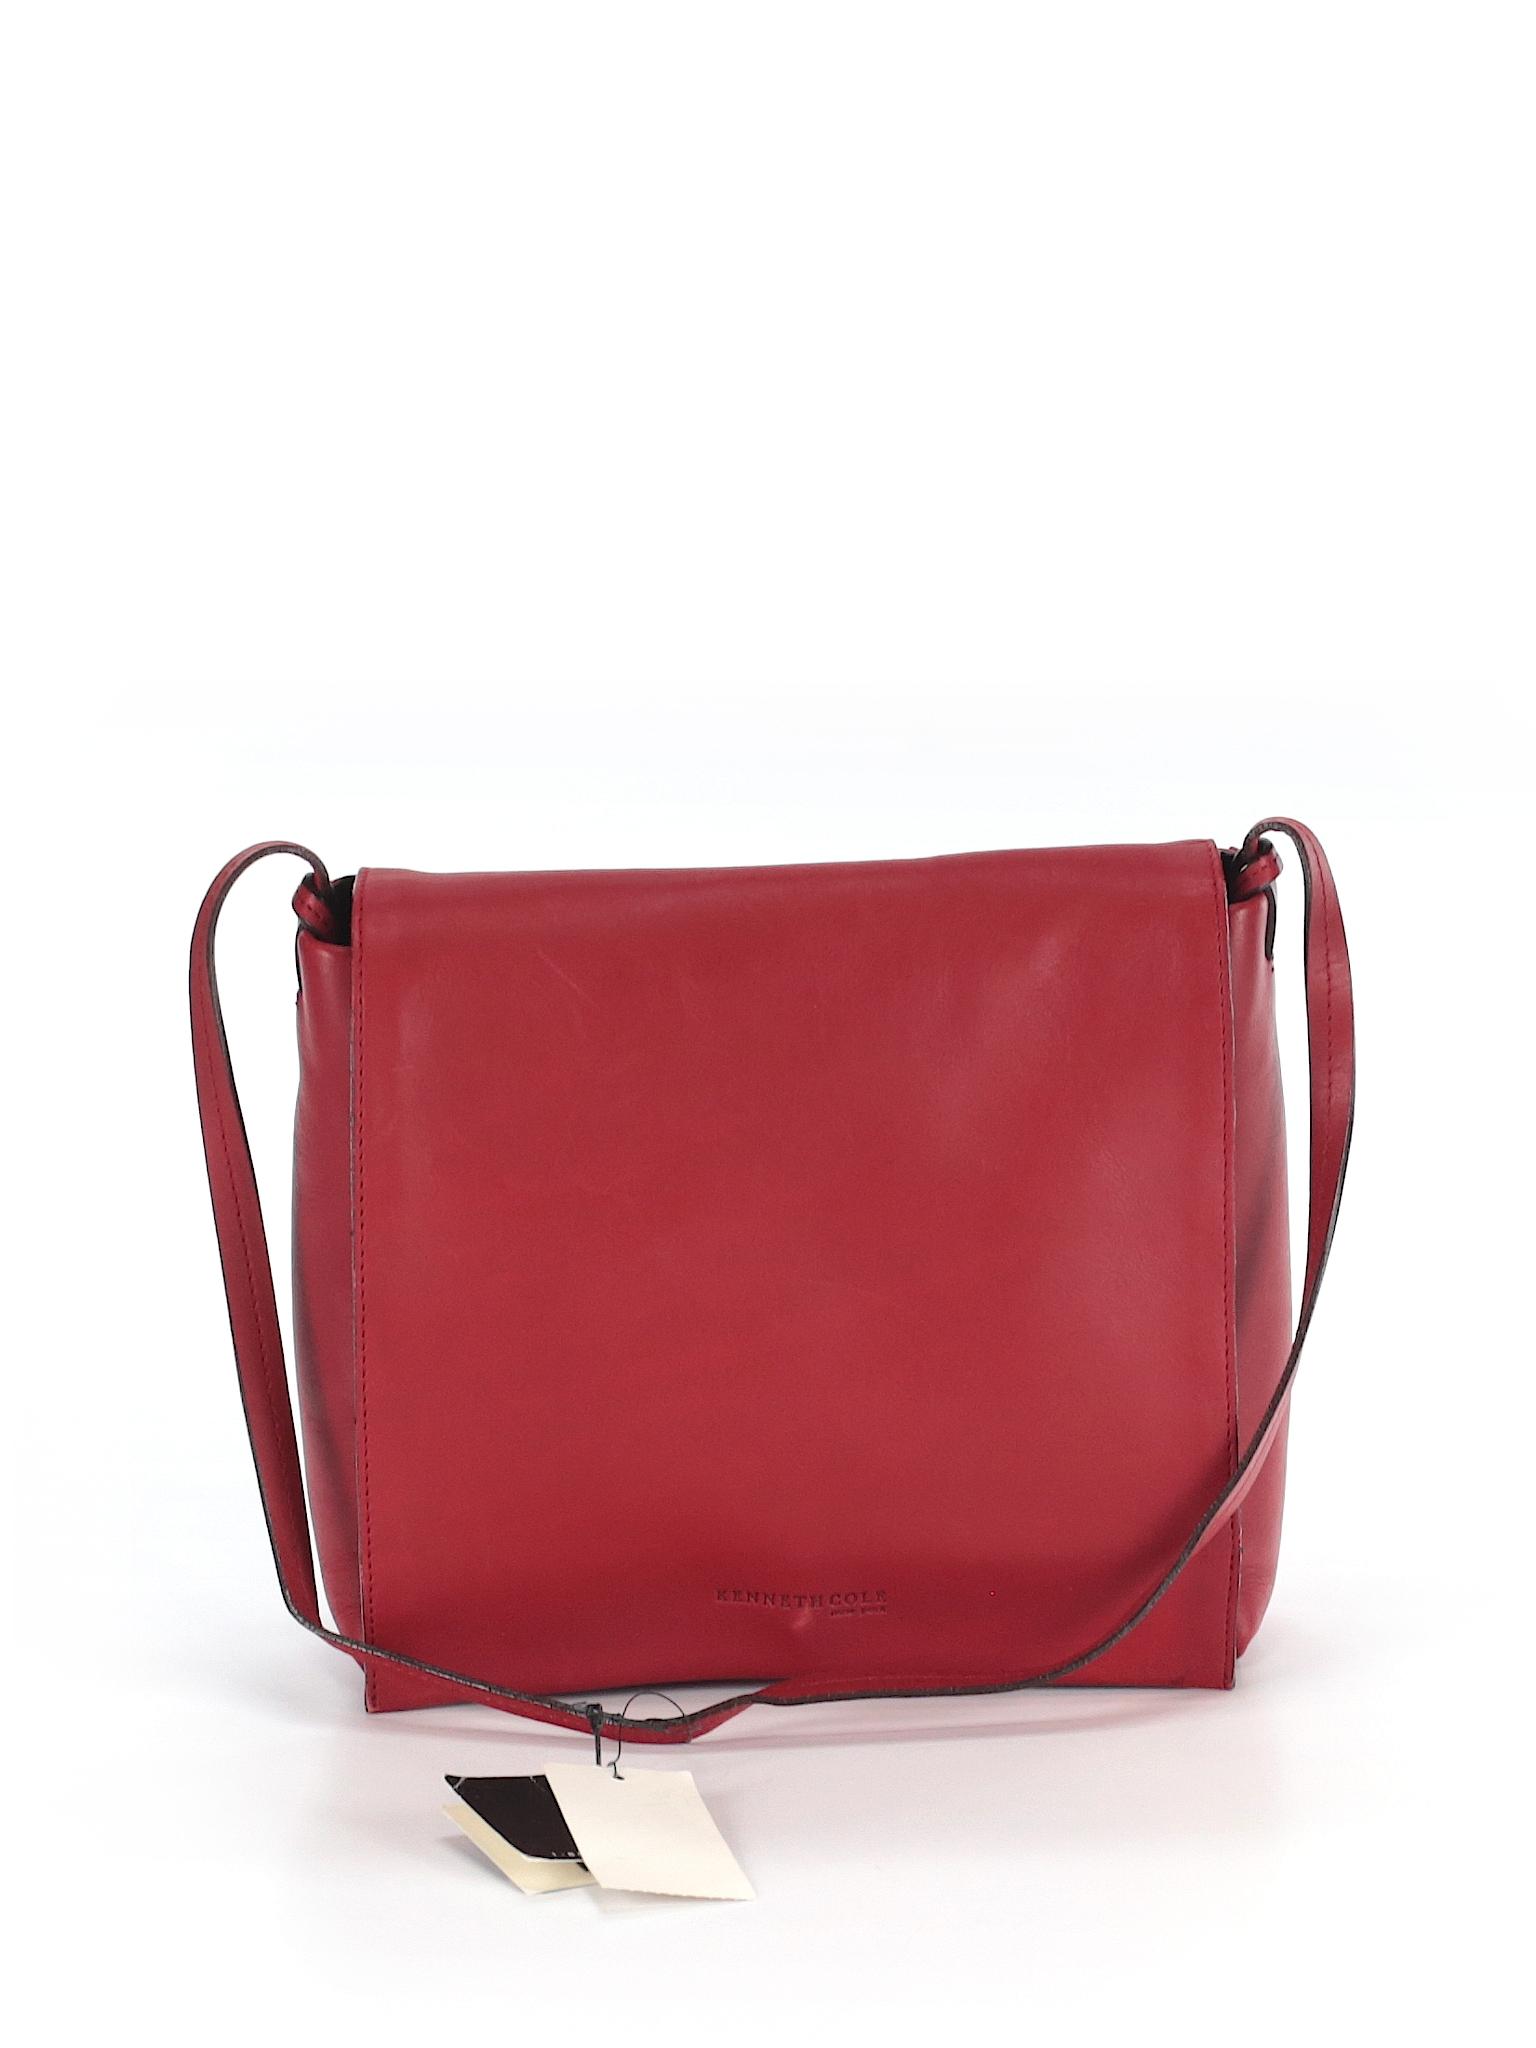 kenneth cole new york leather shoulder bag 66 off only on thredup. Black Bedroom Furniture Sets. Home Design Ideas